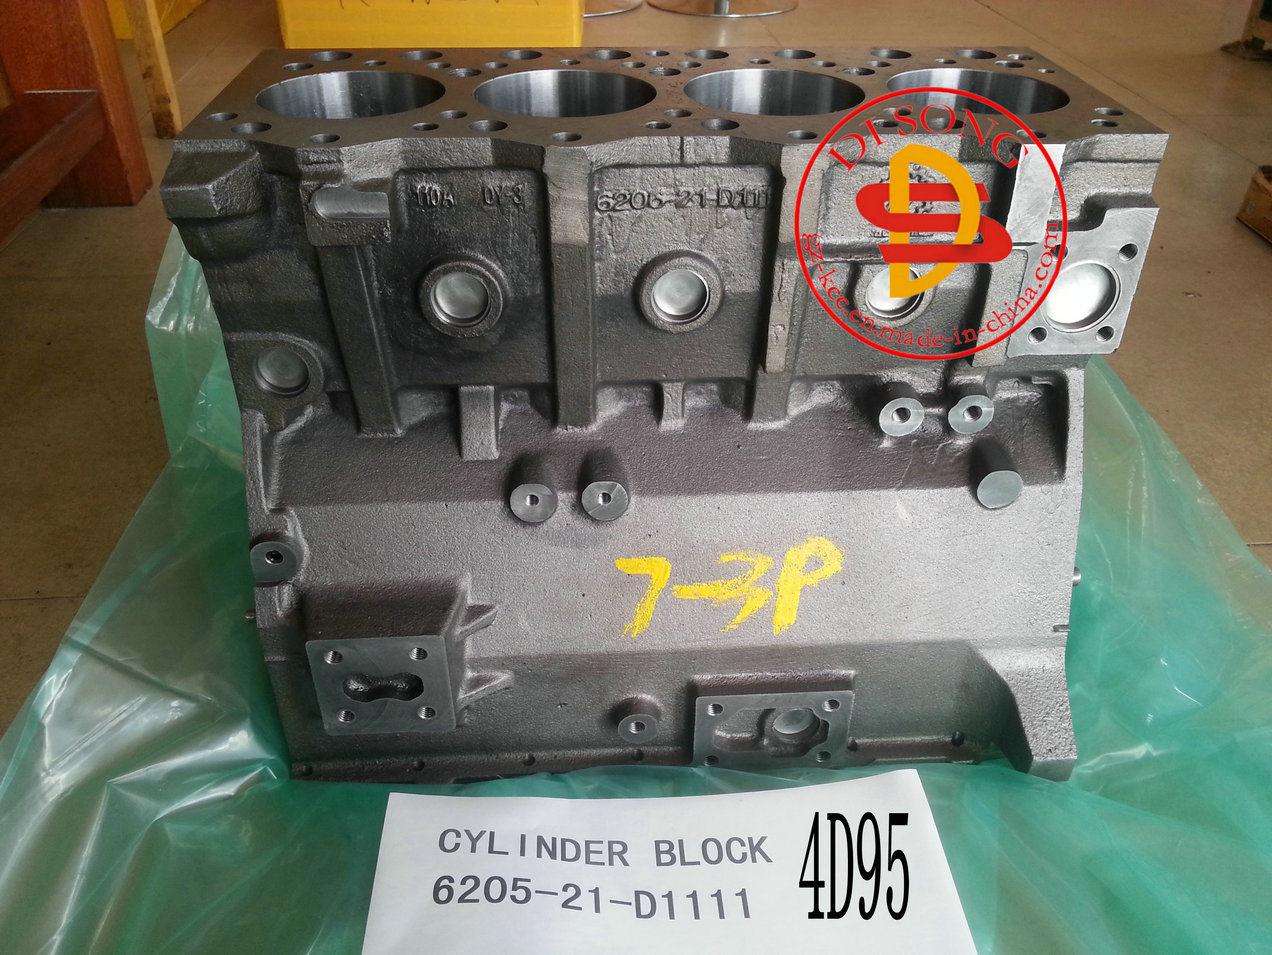 Komatsu Excavator 4D95 Cylinder Block